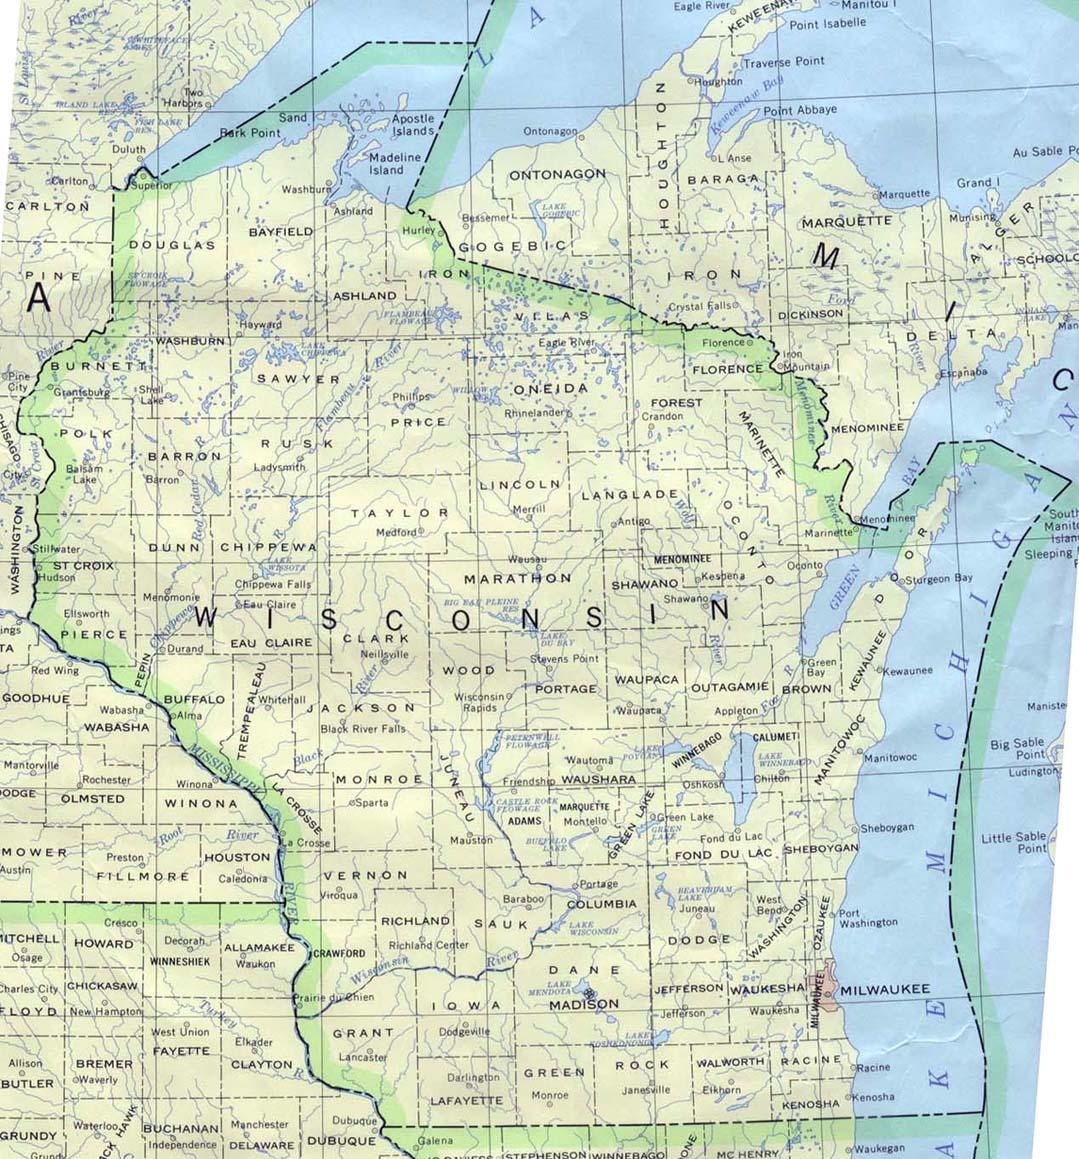 Mapa del Estado de Wisconsin, Estados Unidos